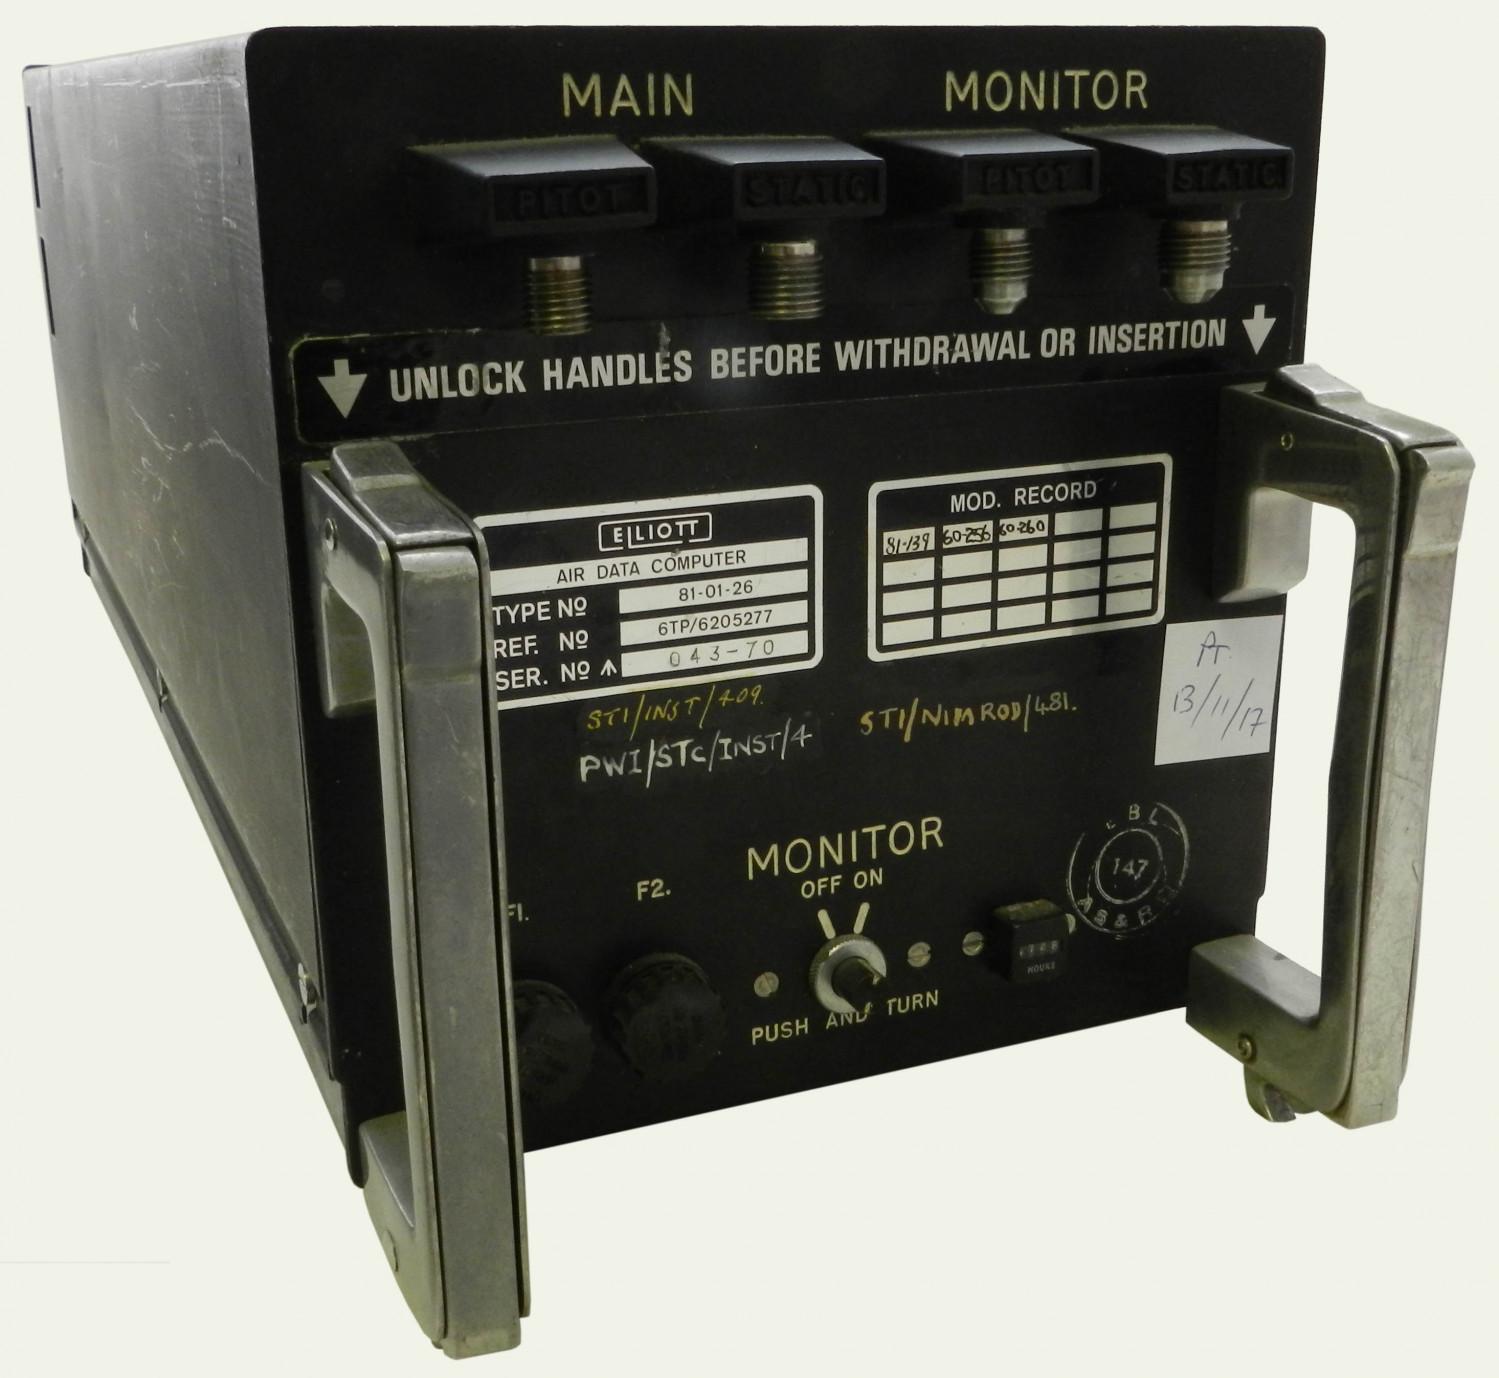 Air Data Computer.